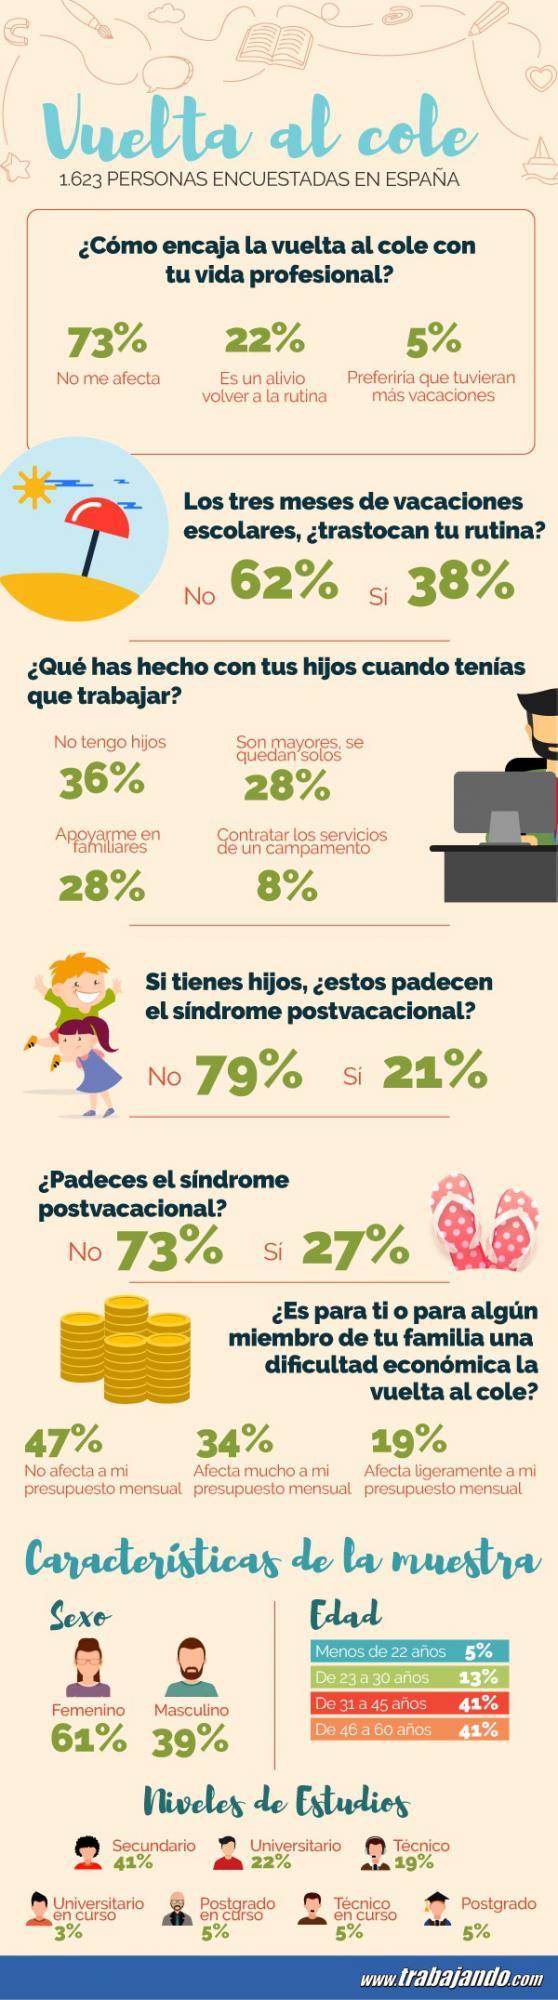 La 'vuelta al cole' no afecta a la vida laboral de los padres